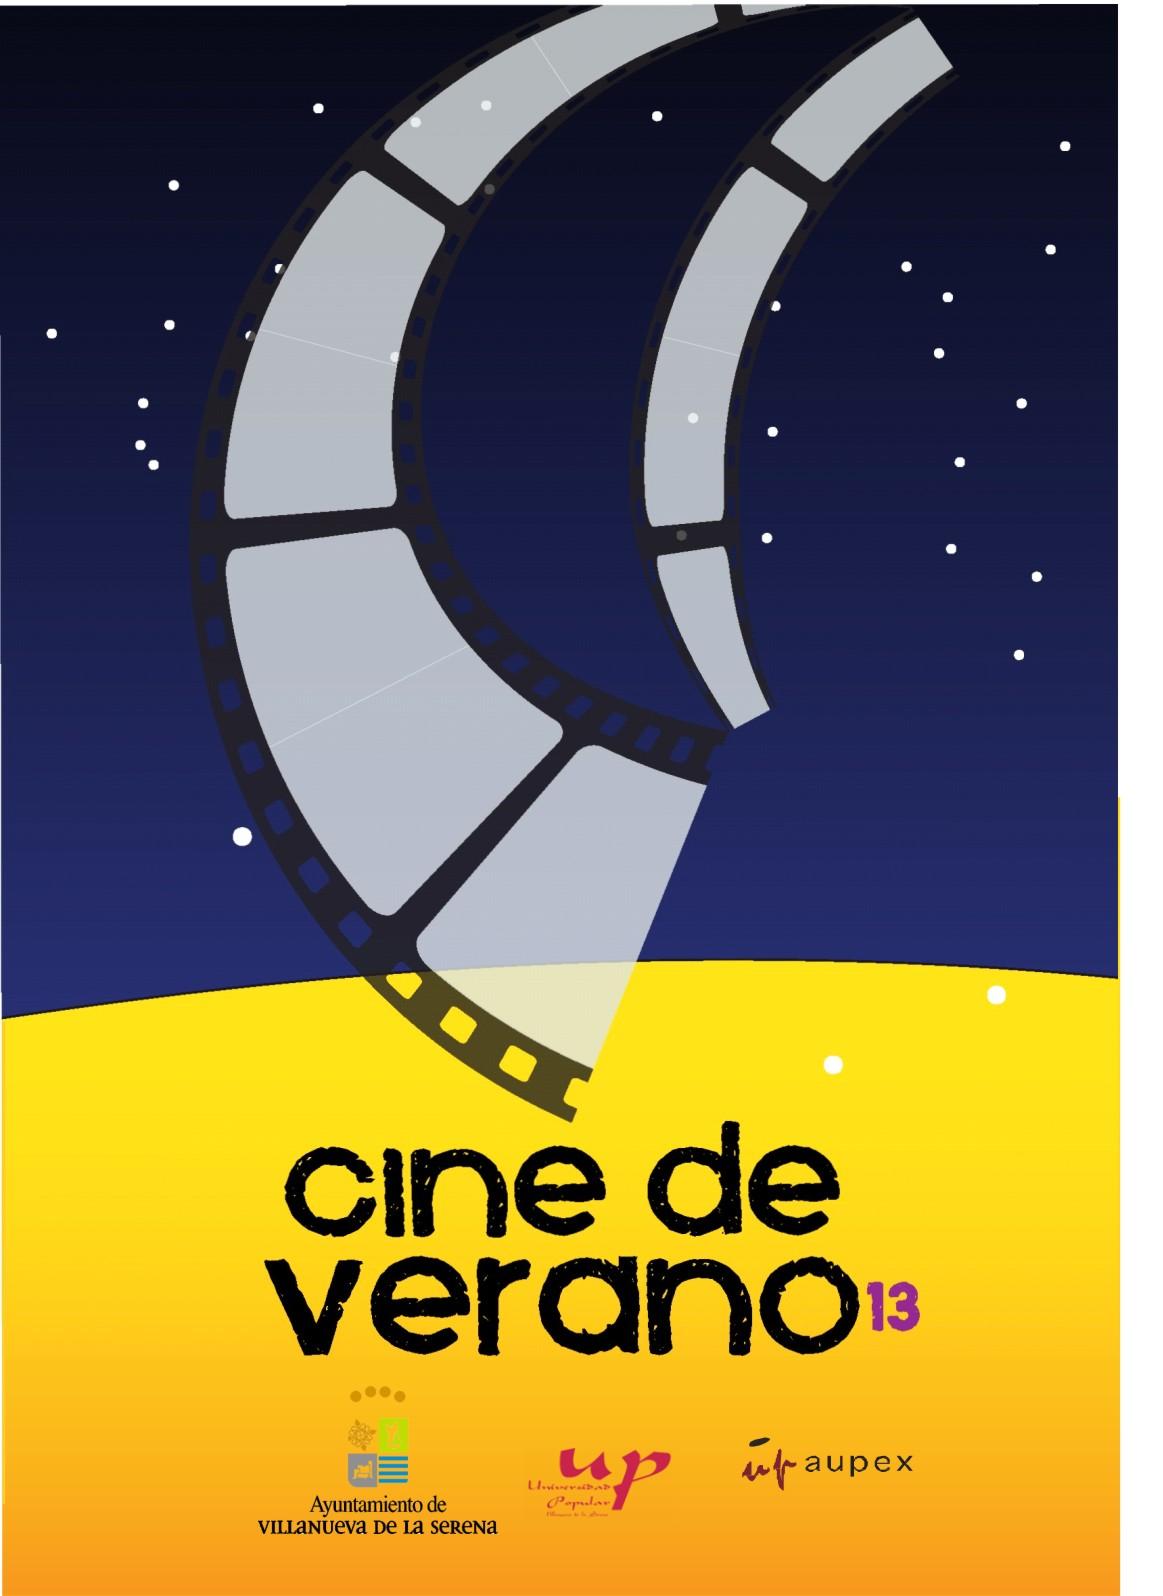 Up de villanueva de la serena cine de verano 2013 - Cartelera cine de verano aguadulce ...